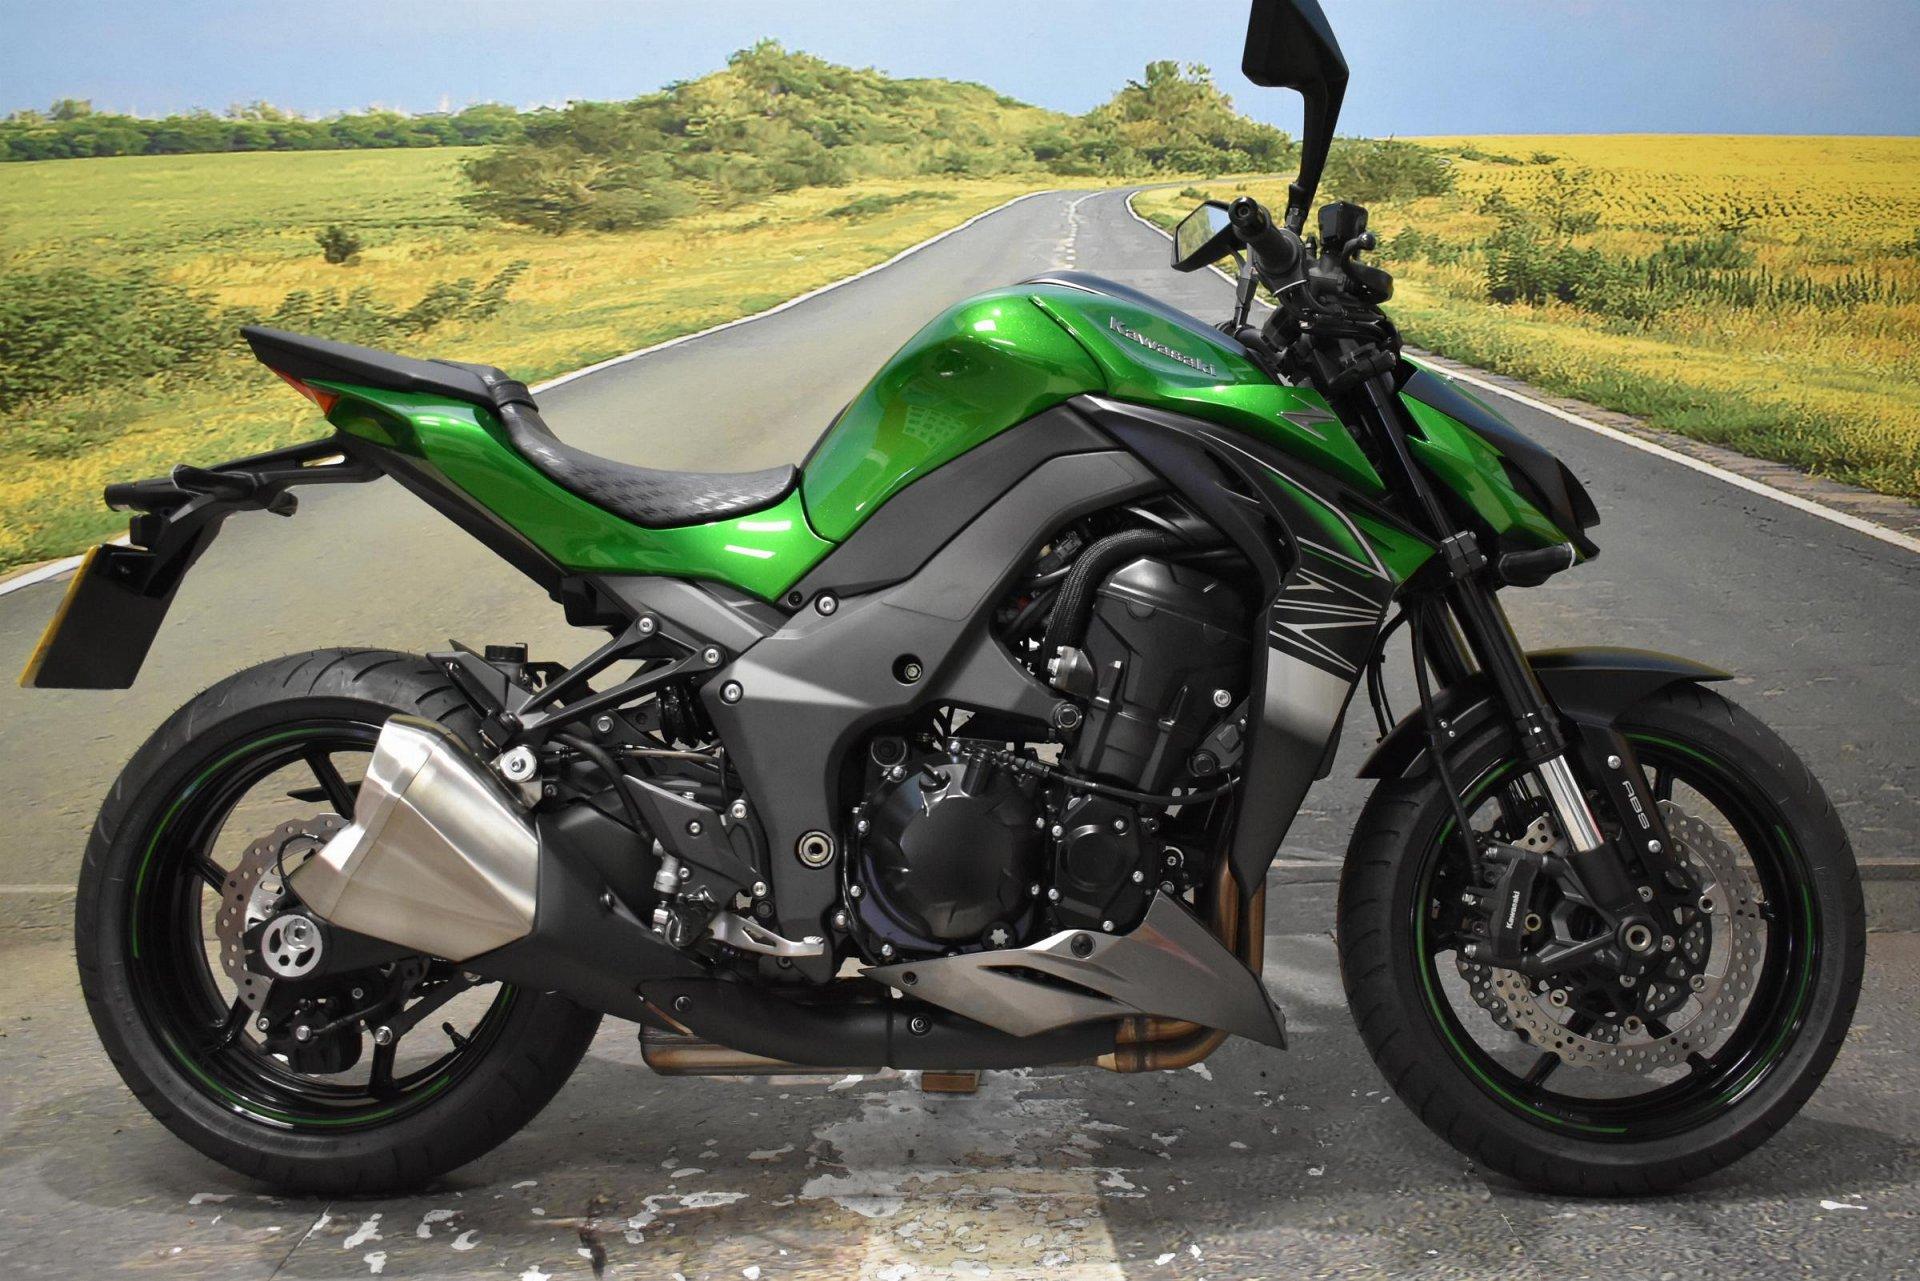 2018 Kawasaki Z1000R for sale in Derbyshire